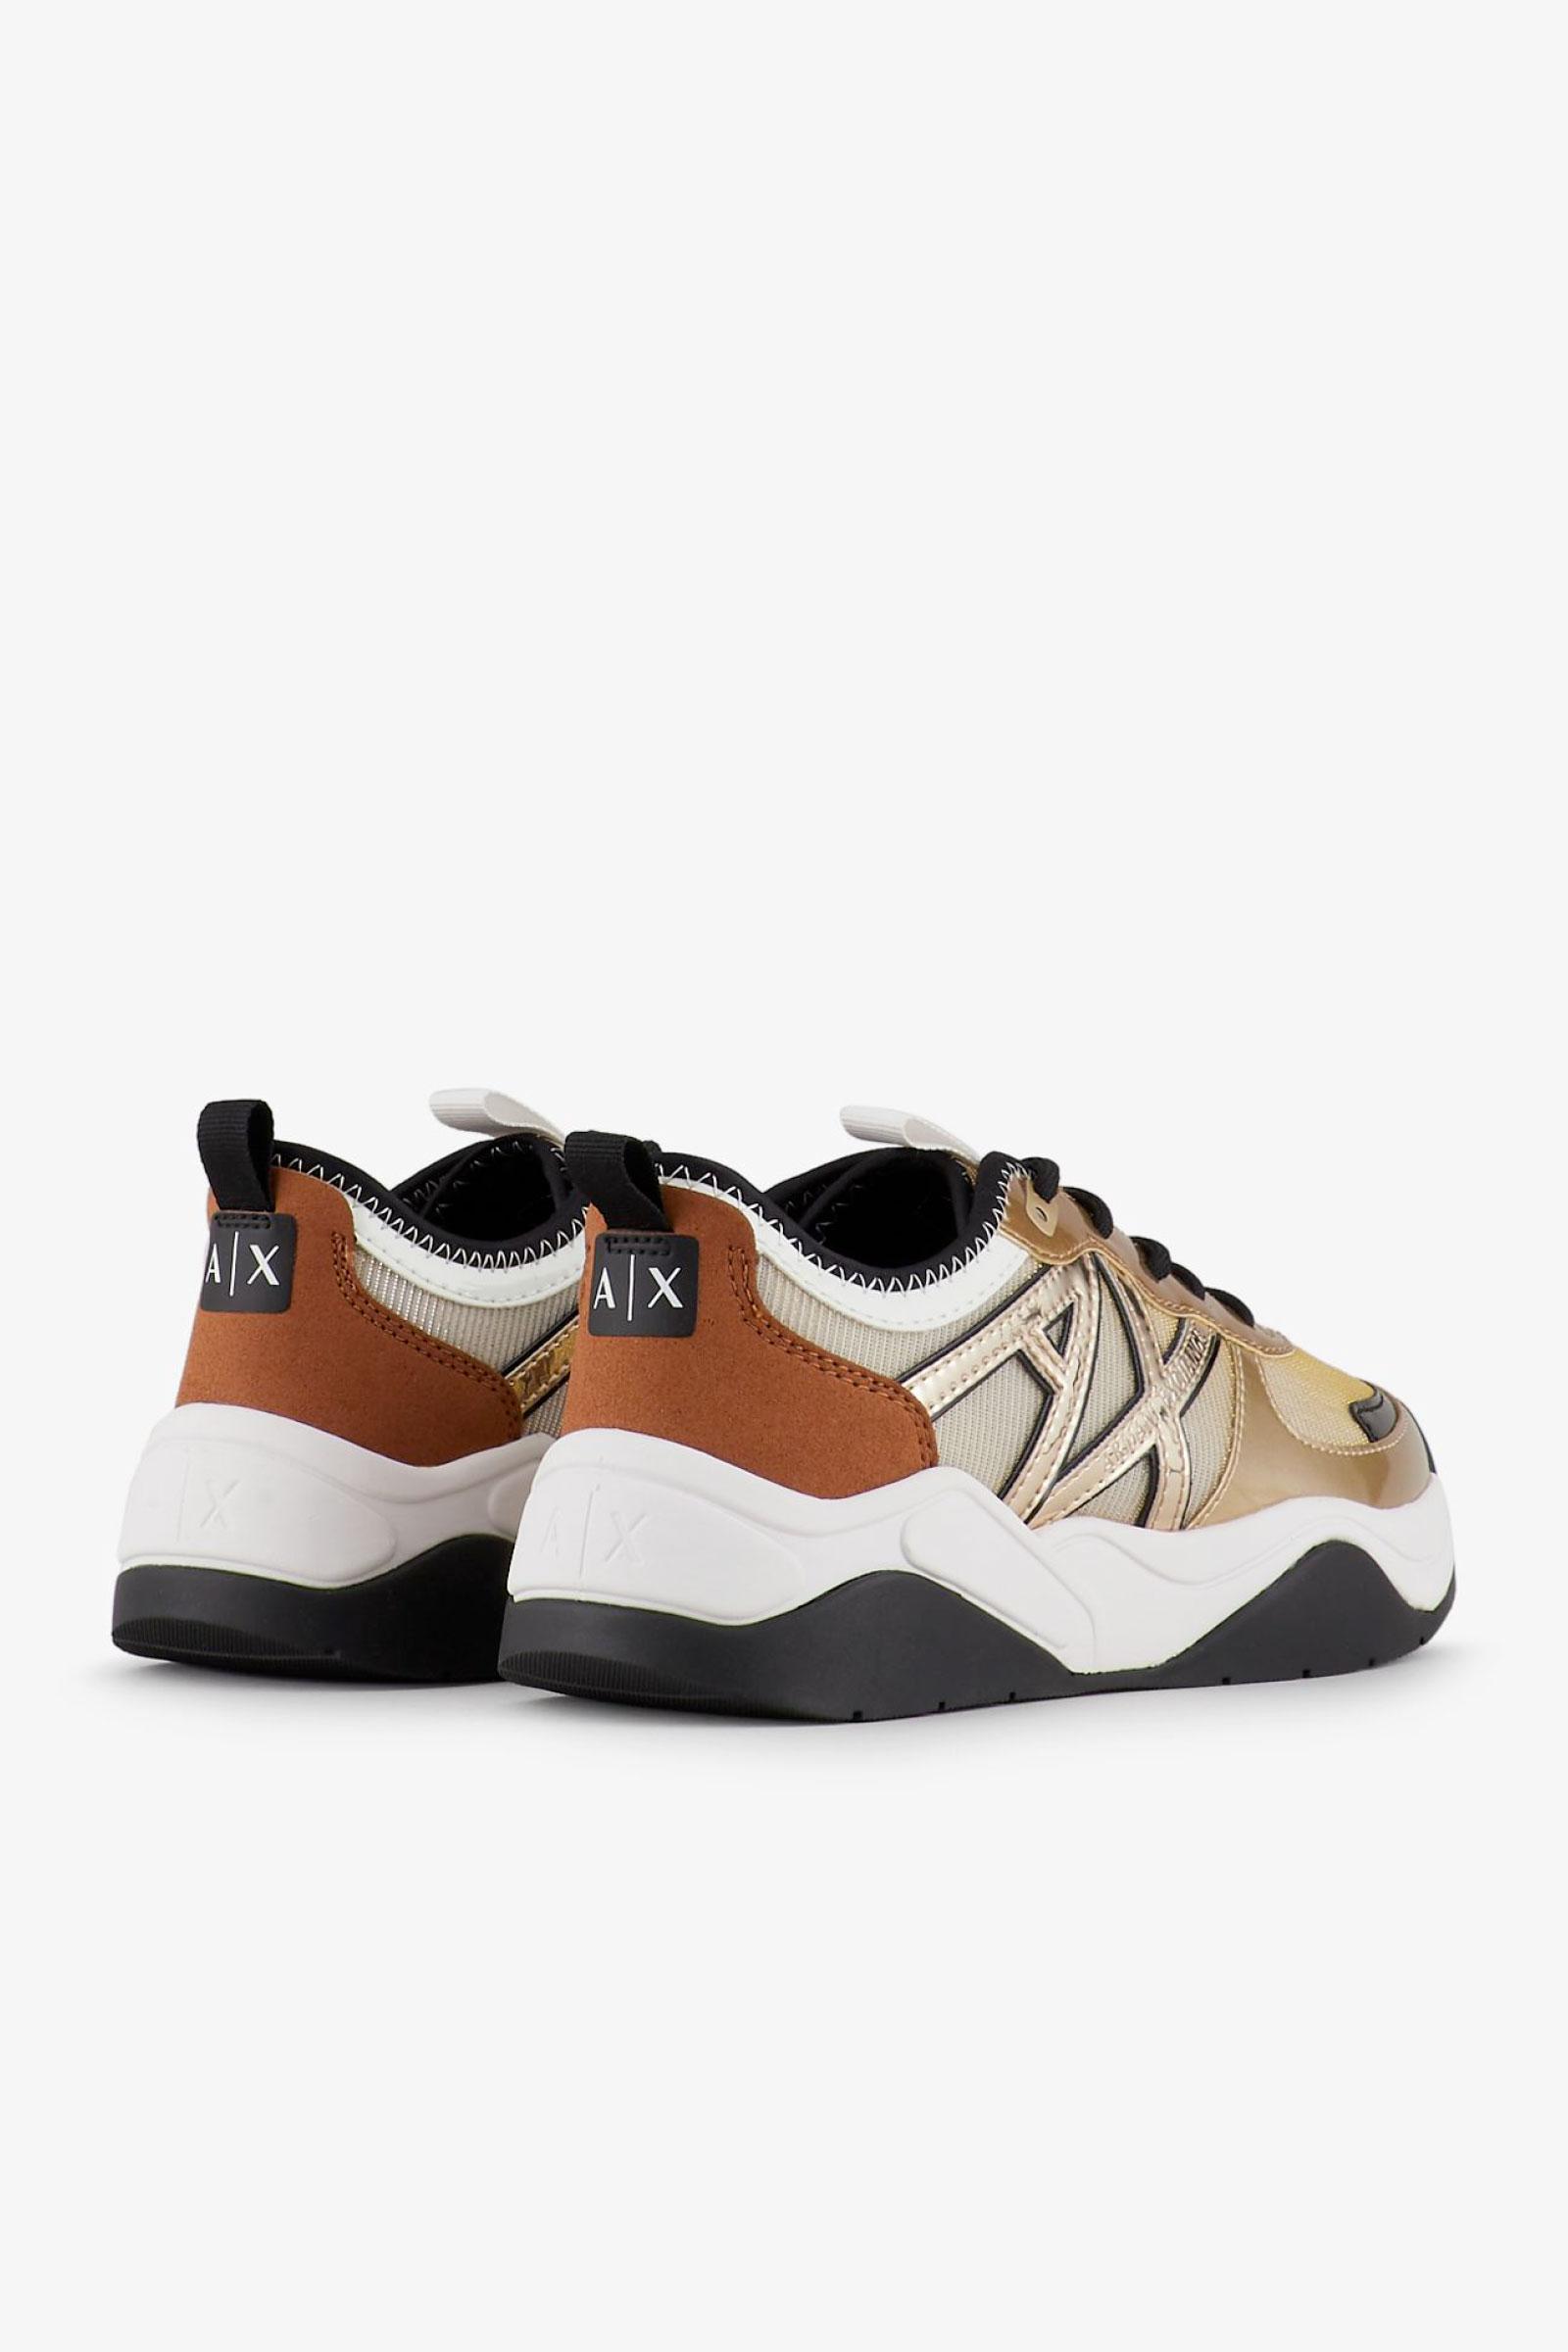 ARMANI EXCHANGE | Shoes | XDX039 XV394K652